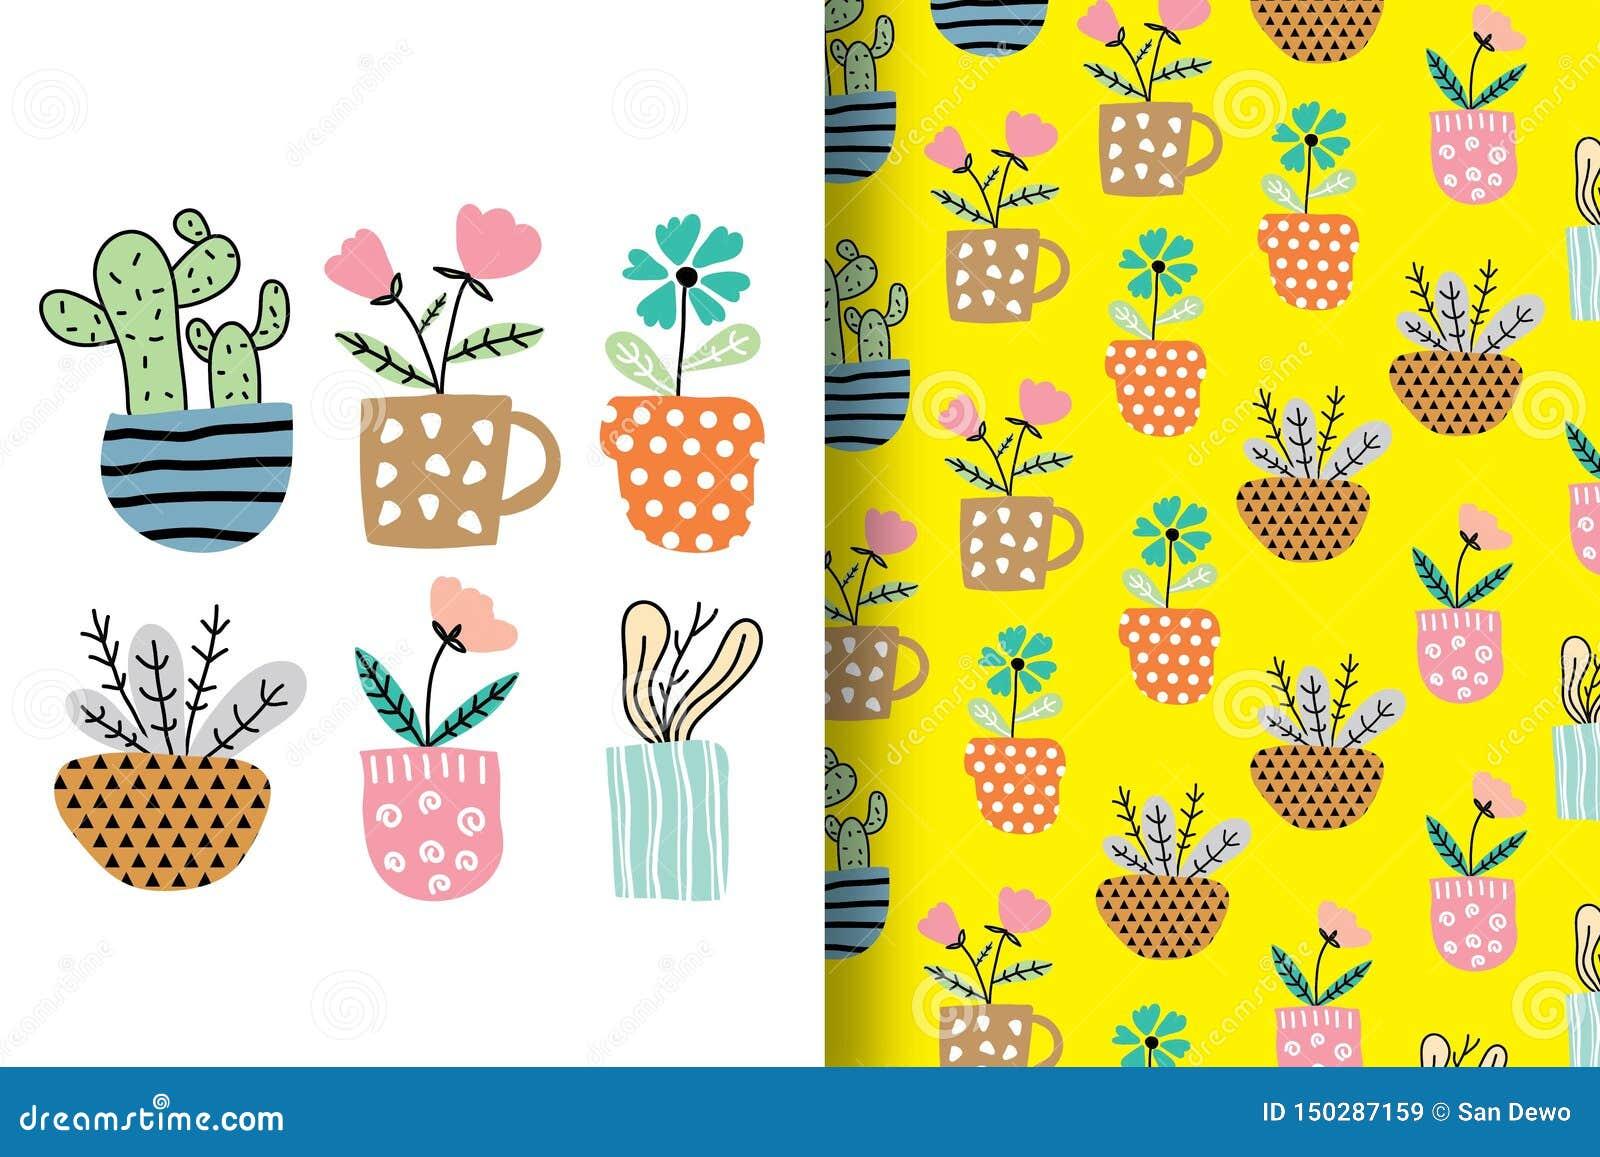 Hand-drawn bloemen worden geschikt grappig met patronen